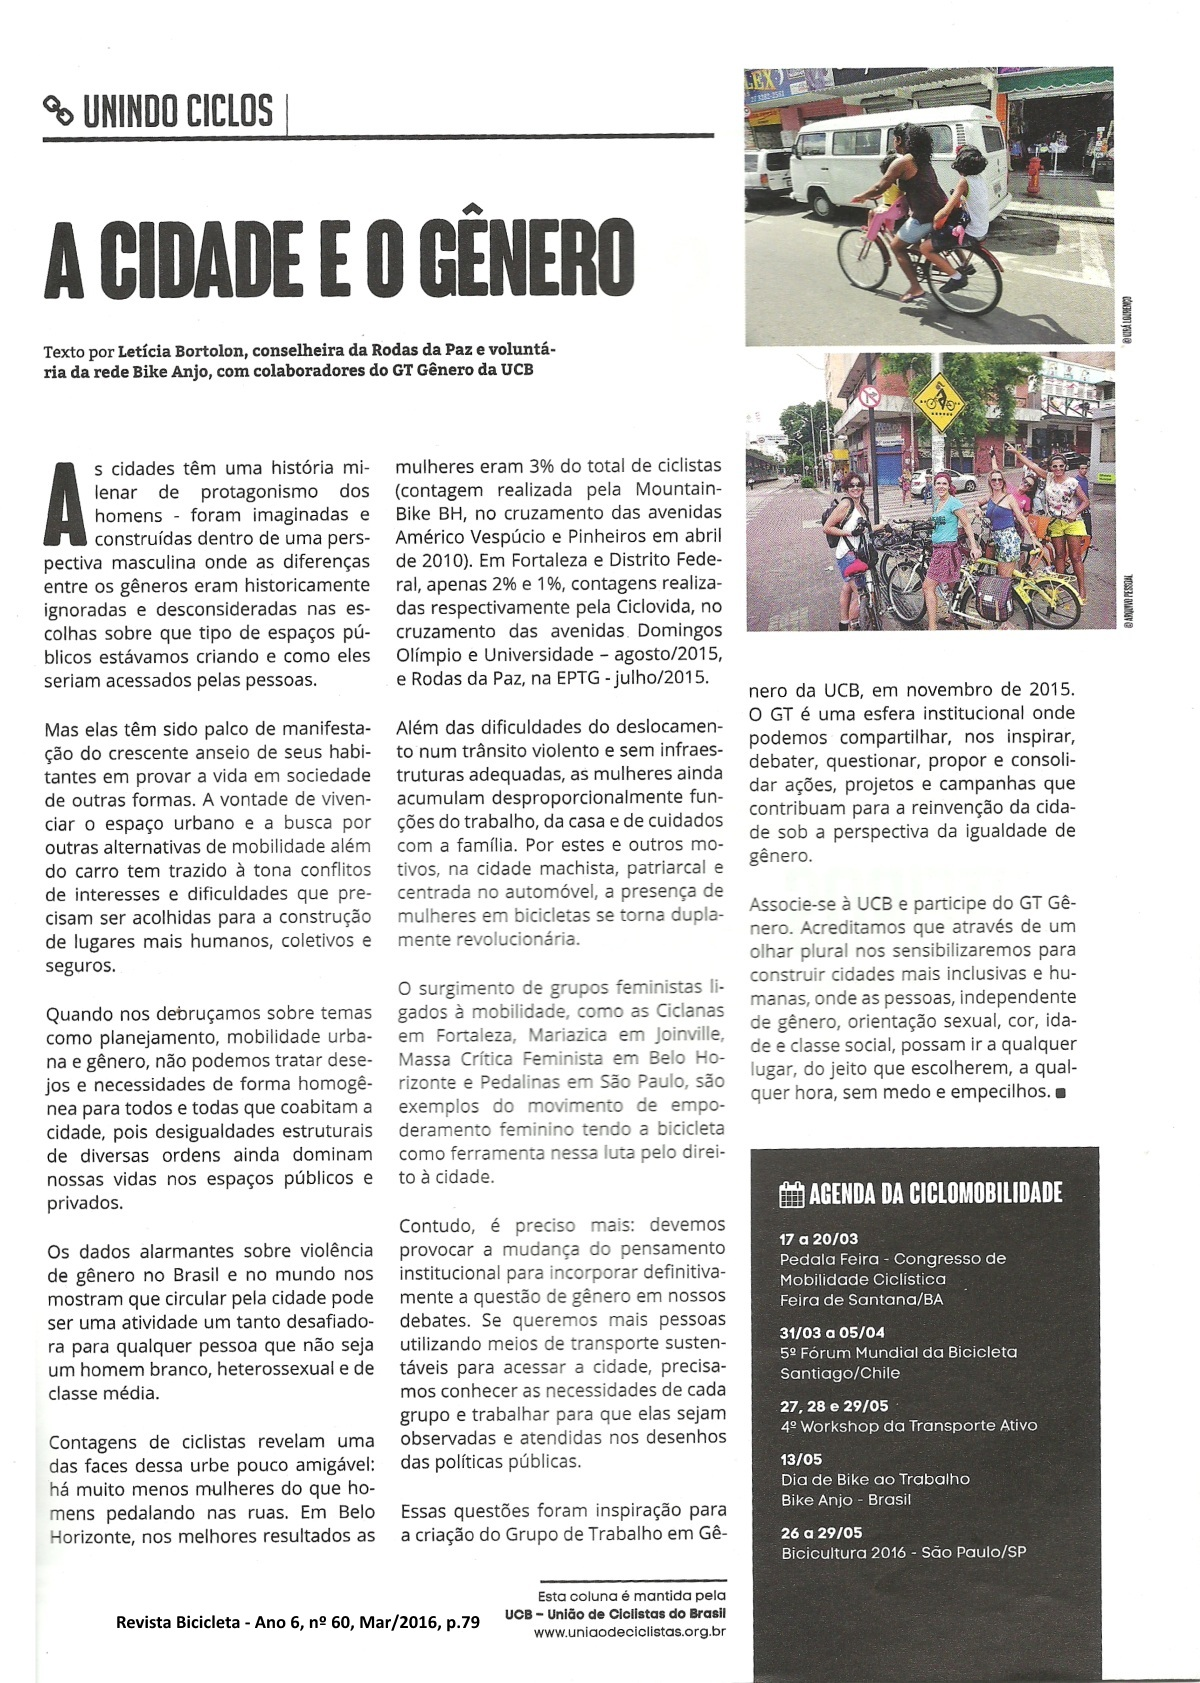 Artigo 2 - A cidade e o gênero